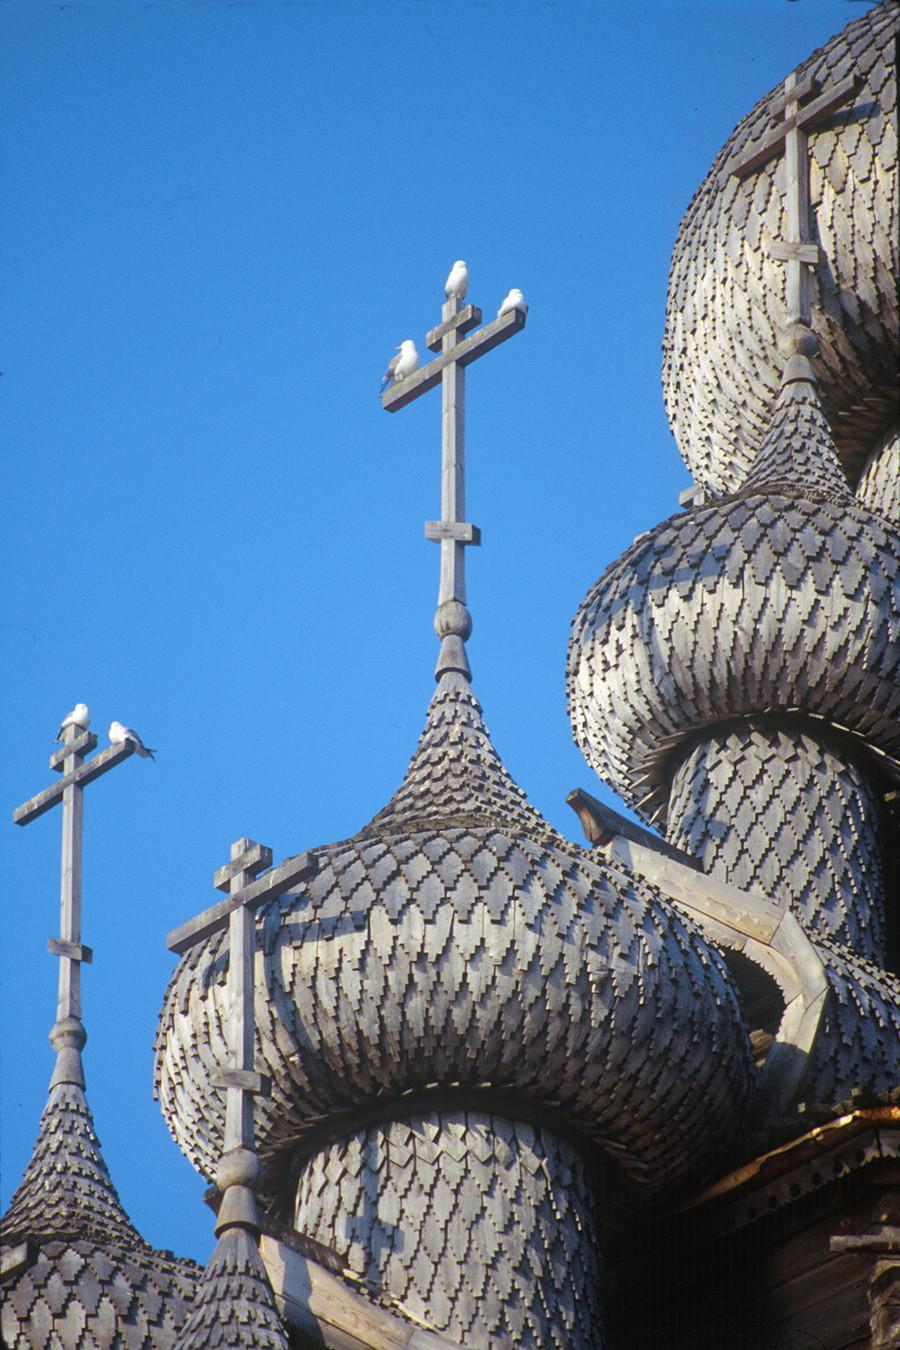 Église de la Transfiguration. Façade ouest, coupoles avec bardeaux de tremble